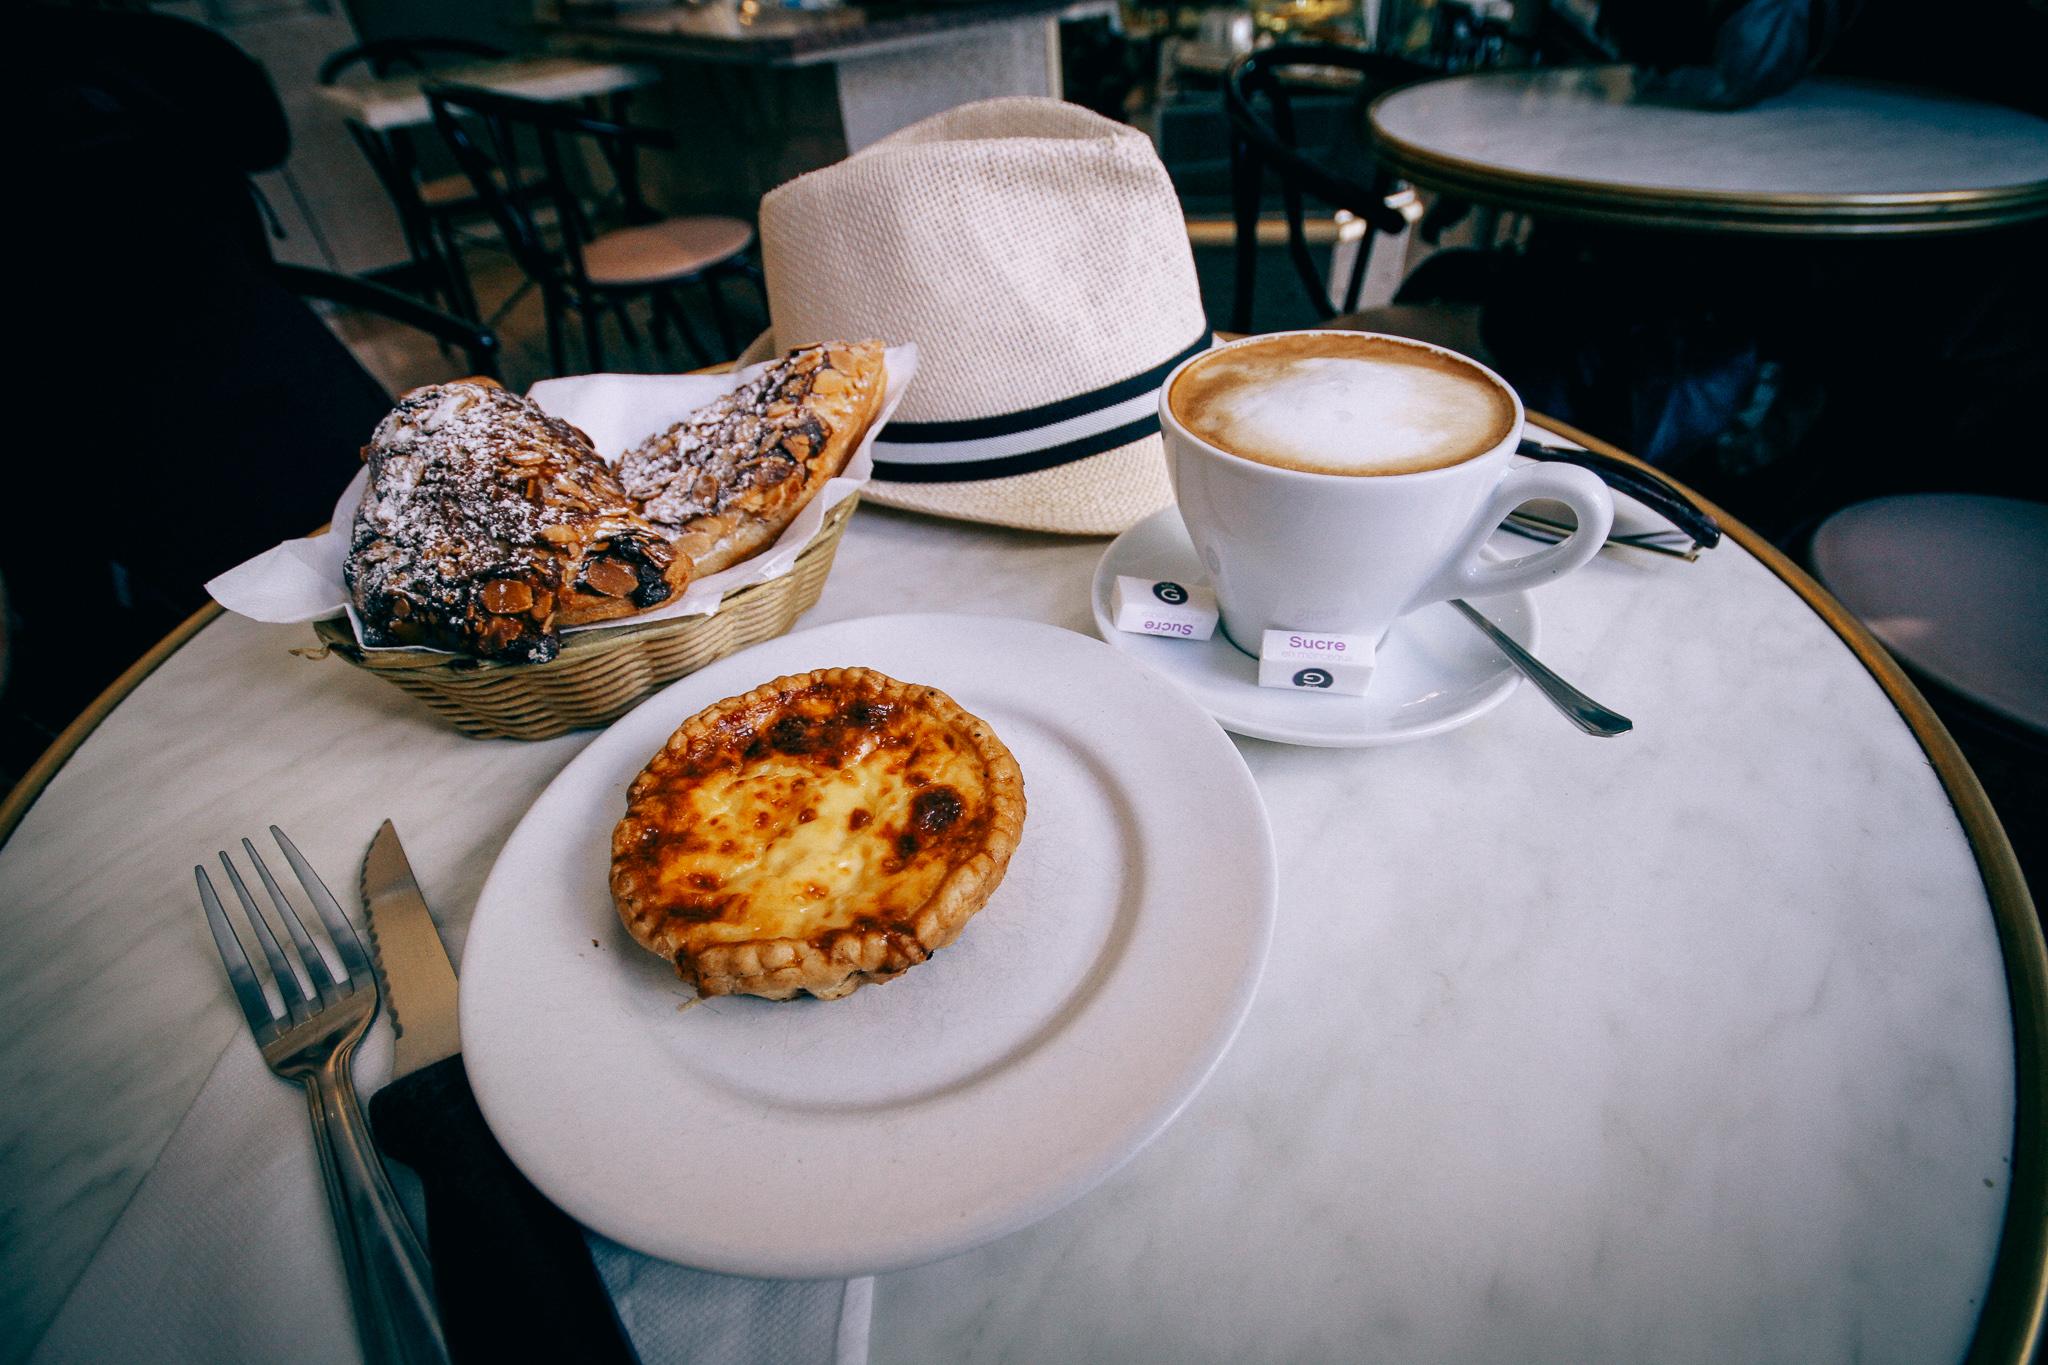 Egy kávézóban fogyasztott sütemény és kávé Nizzában, Franciaországban (Nice)